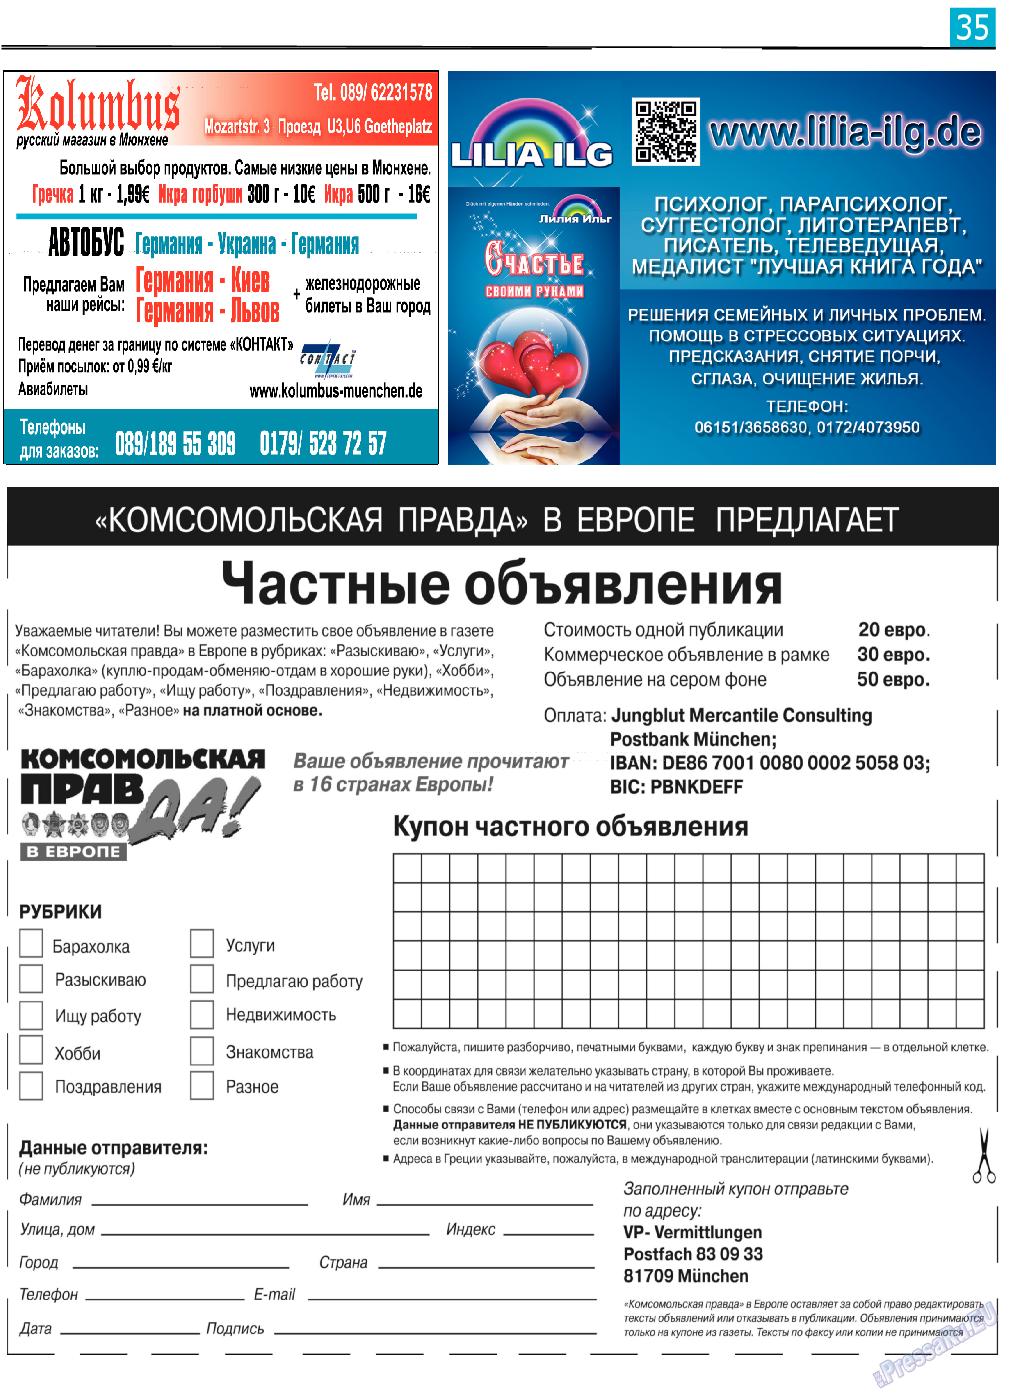 КП в Европе (газета). 2019 год, номер 23, стр. 35